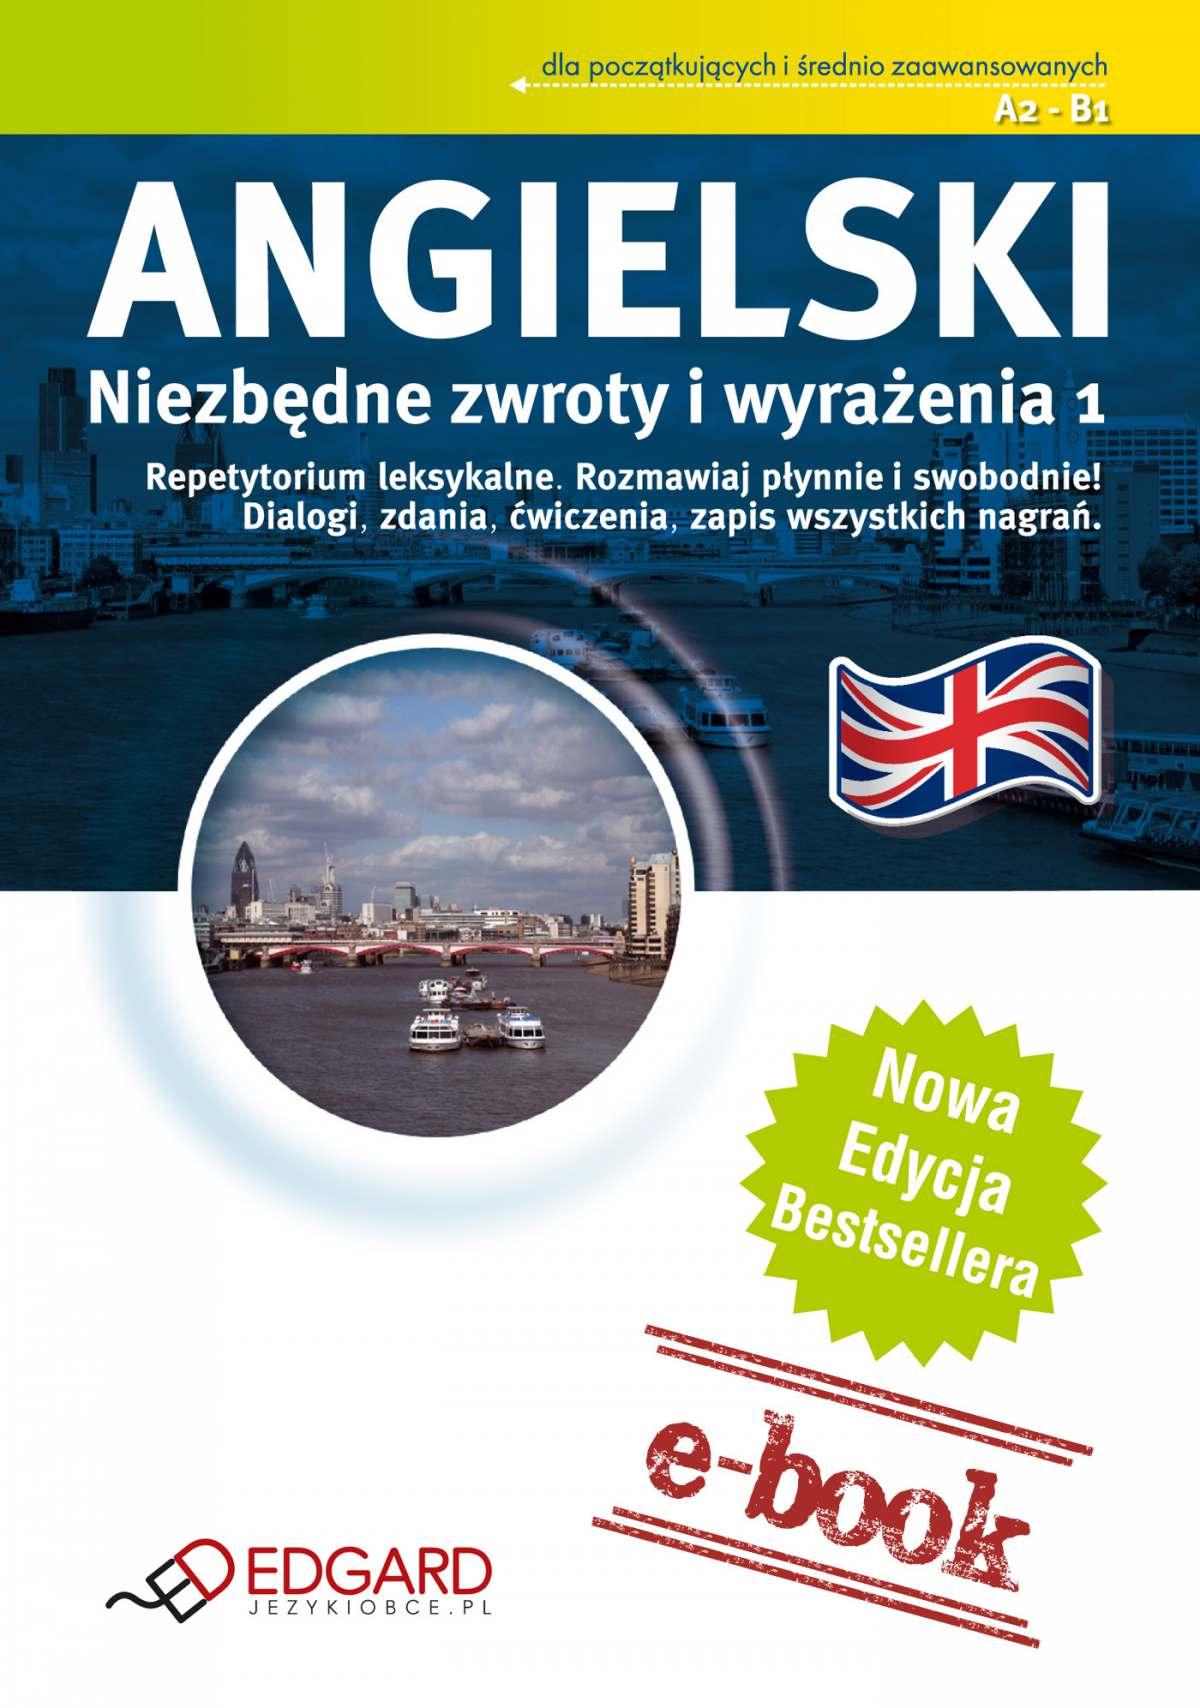 Angielski - Niezbędne zwroty i wyrażenia - Ebook (Książka na Kindle) do pobrania w formacie MOBI